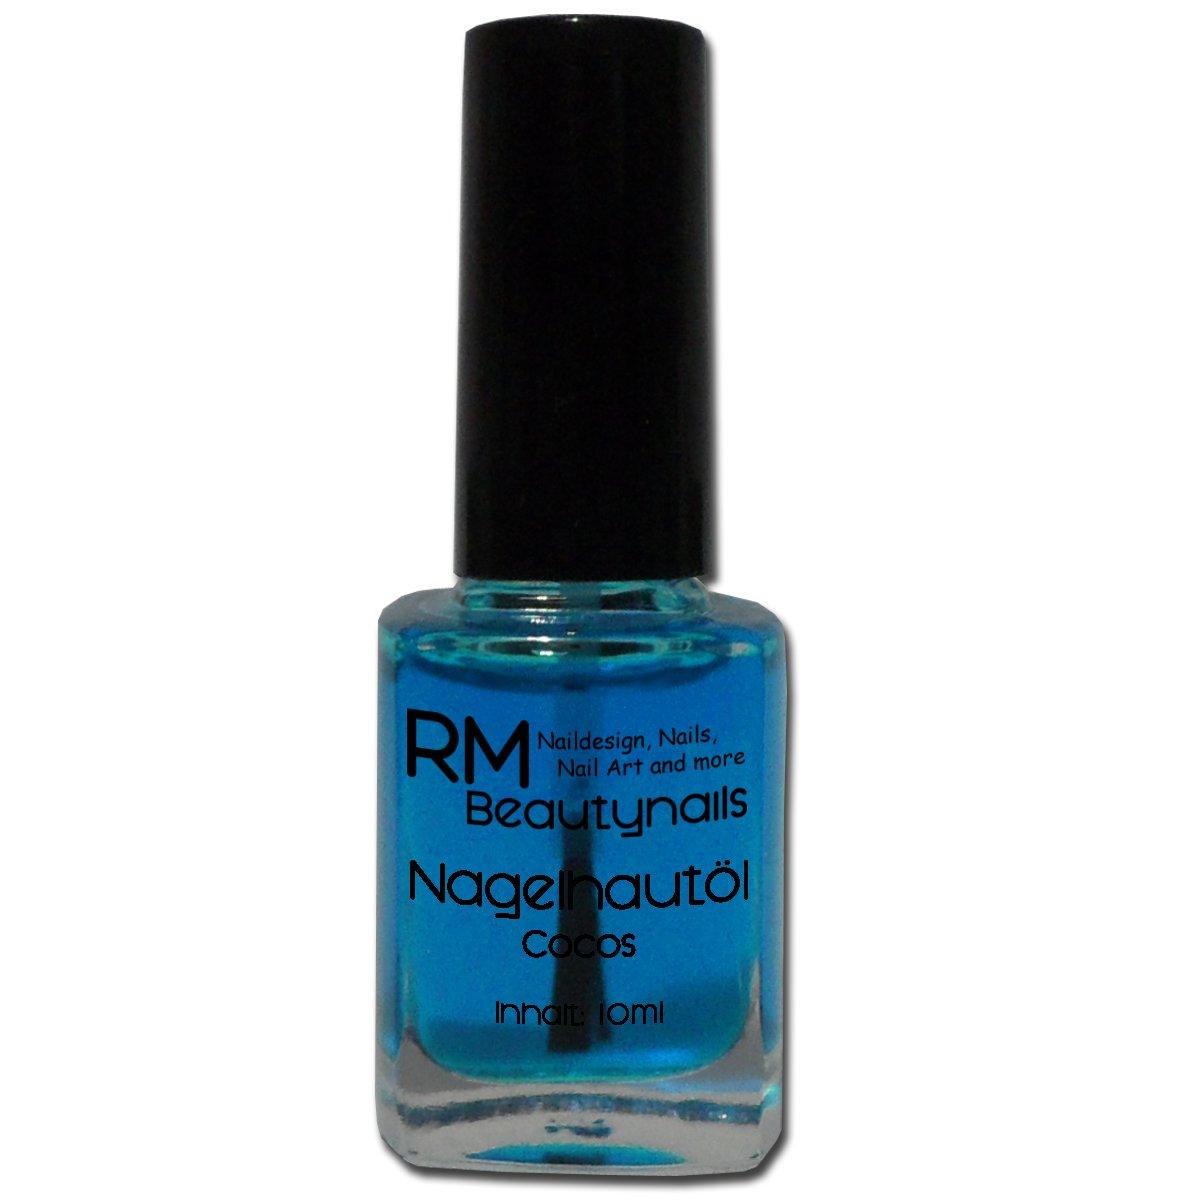 RM Beautynails Nagelöl Nagelhautpflegeöl Nagelhautöl Duft: Kokos